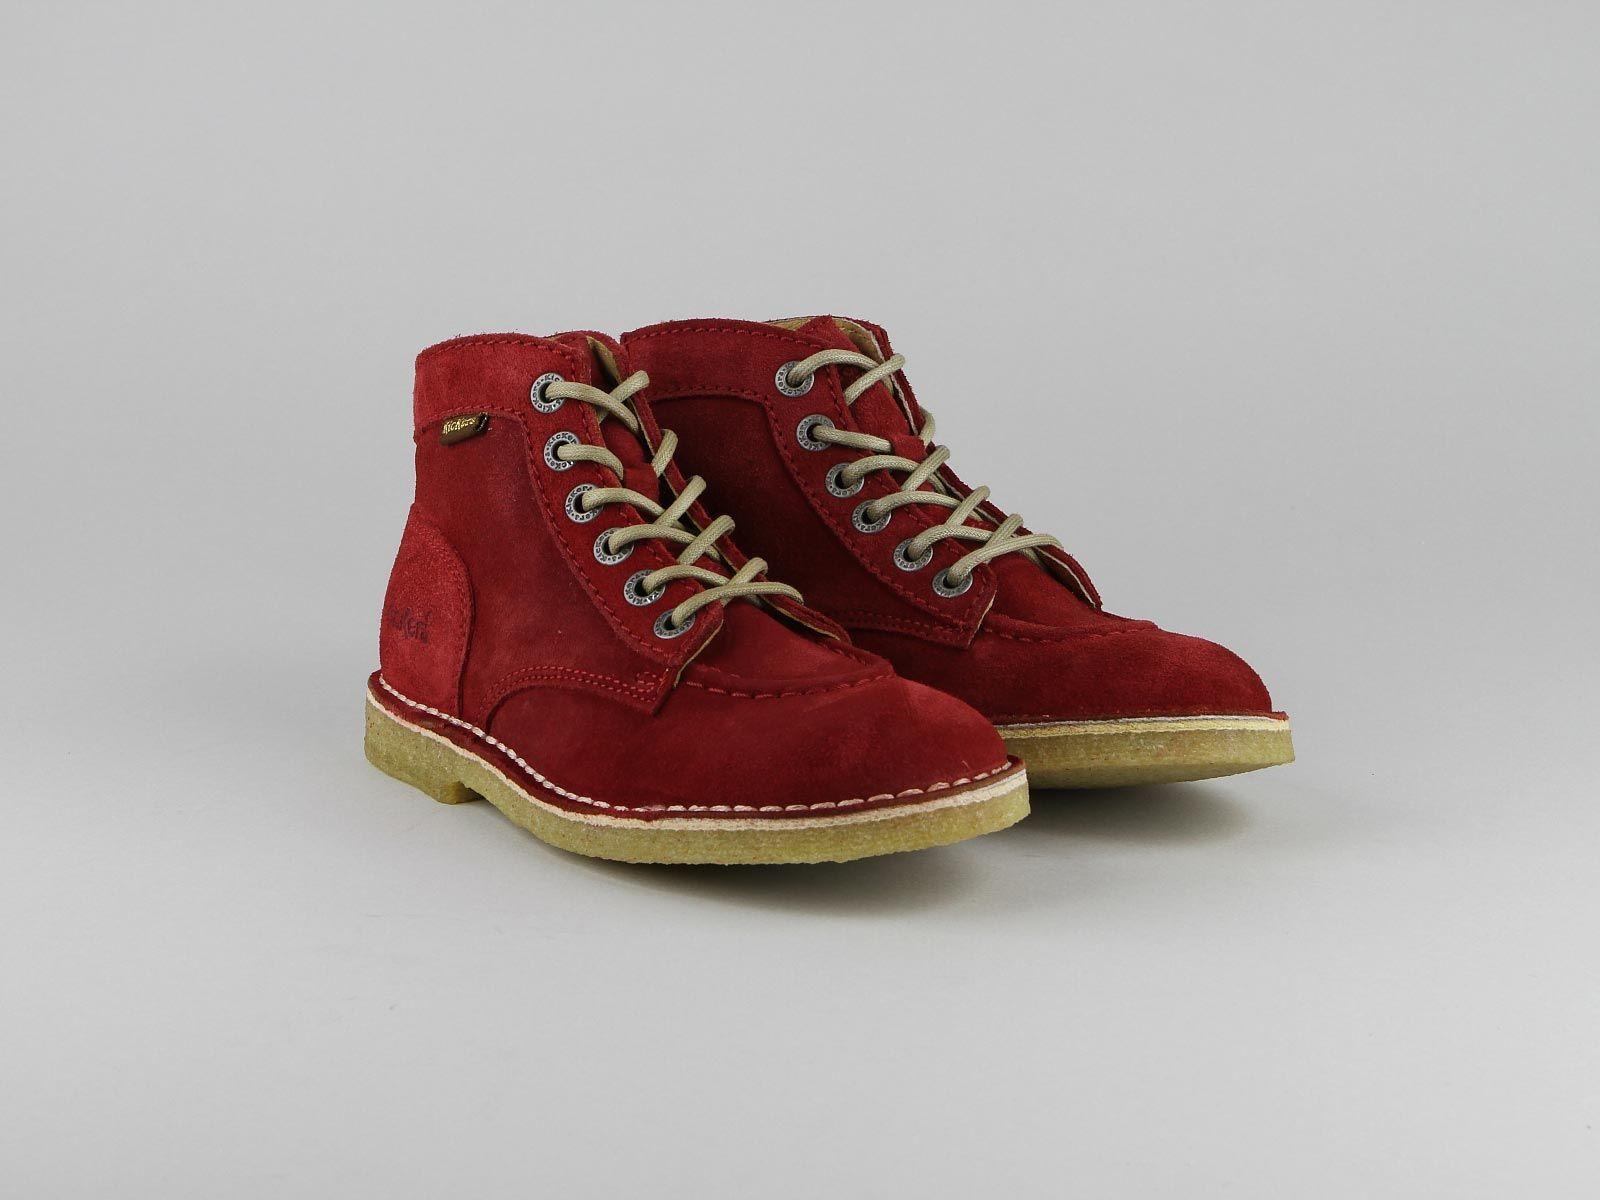 0e1700de70feee Kickers KICK LEGEND - Chaussures Femme - Montants | Men Shoes ...